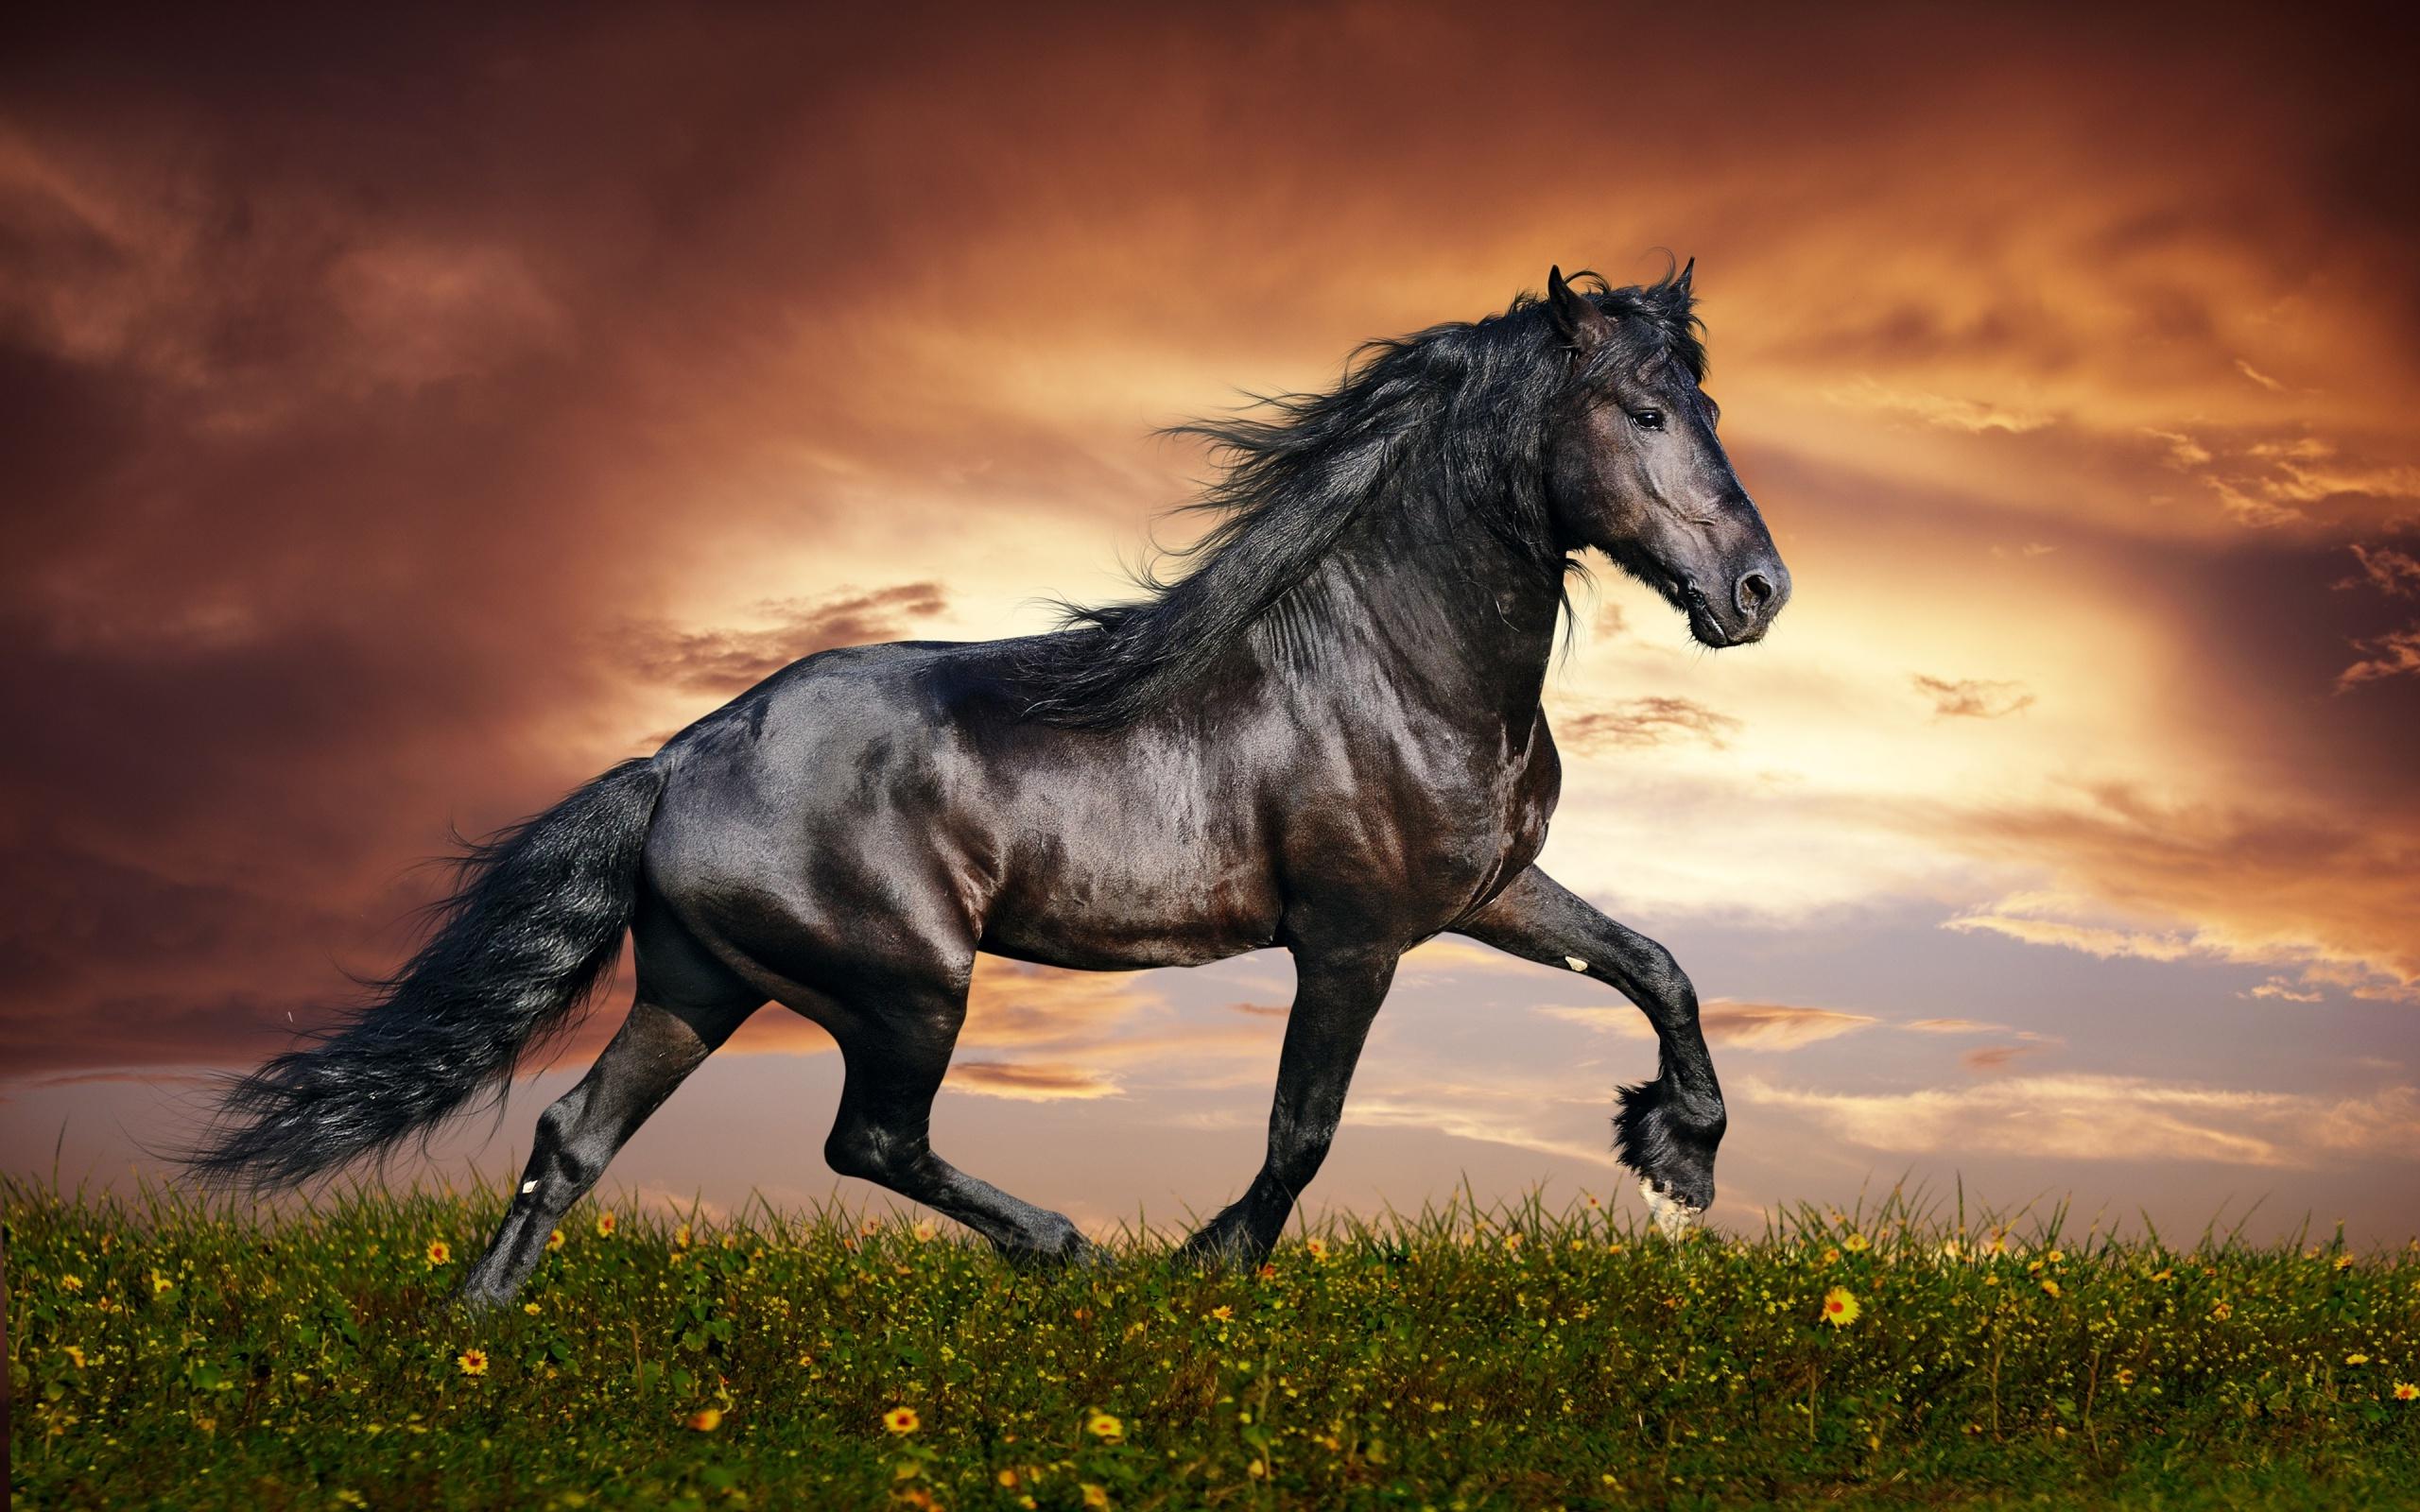 Horse Wallpaper Downloads 10268 Wallpaper 2560x1600